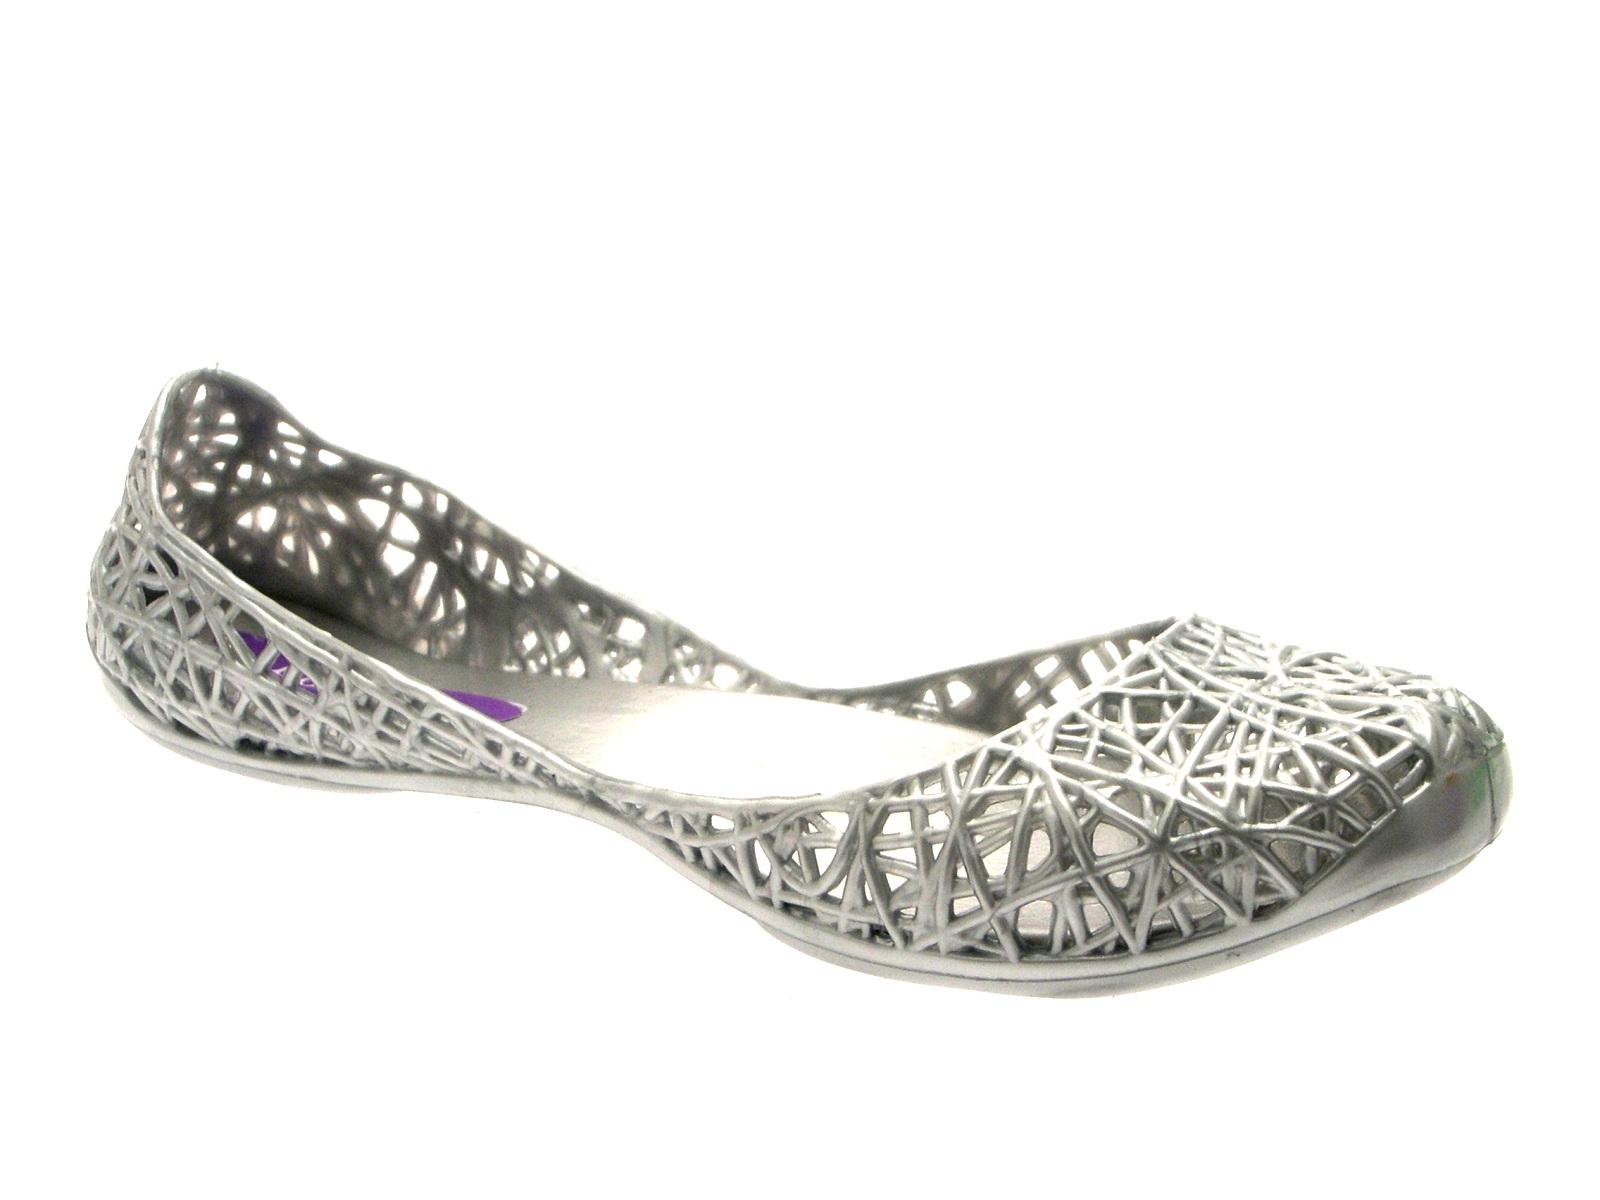 Mujer Jalea Flip Flop Brillo Ballet Bombas Zapatos Sandalias Playa Verano De Las Señoras